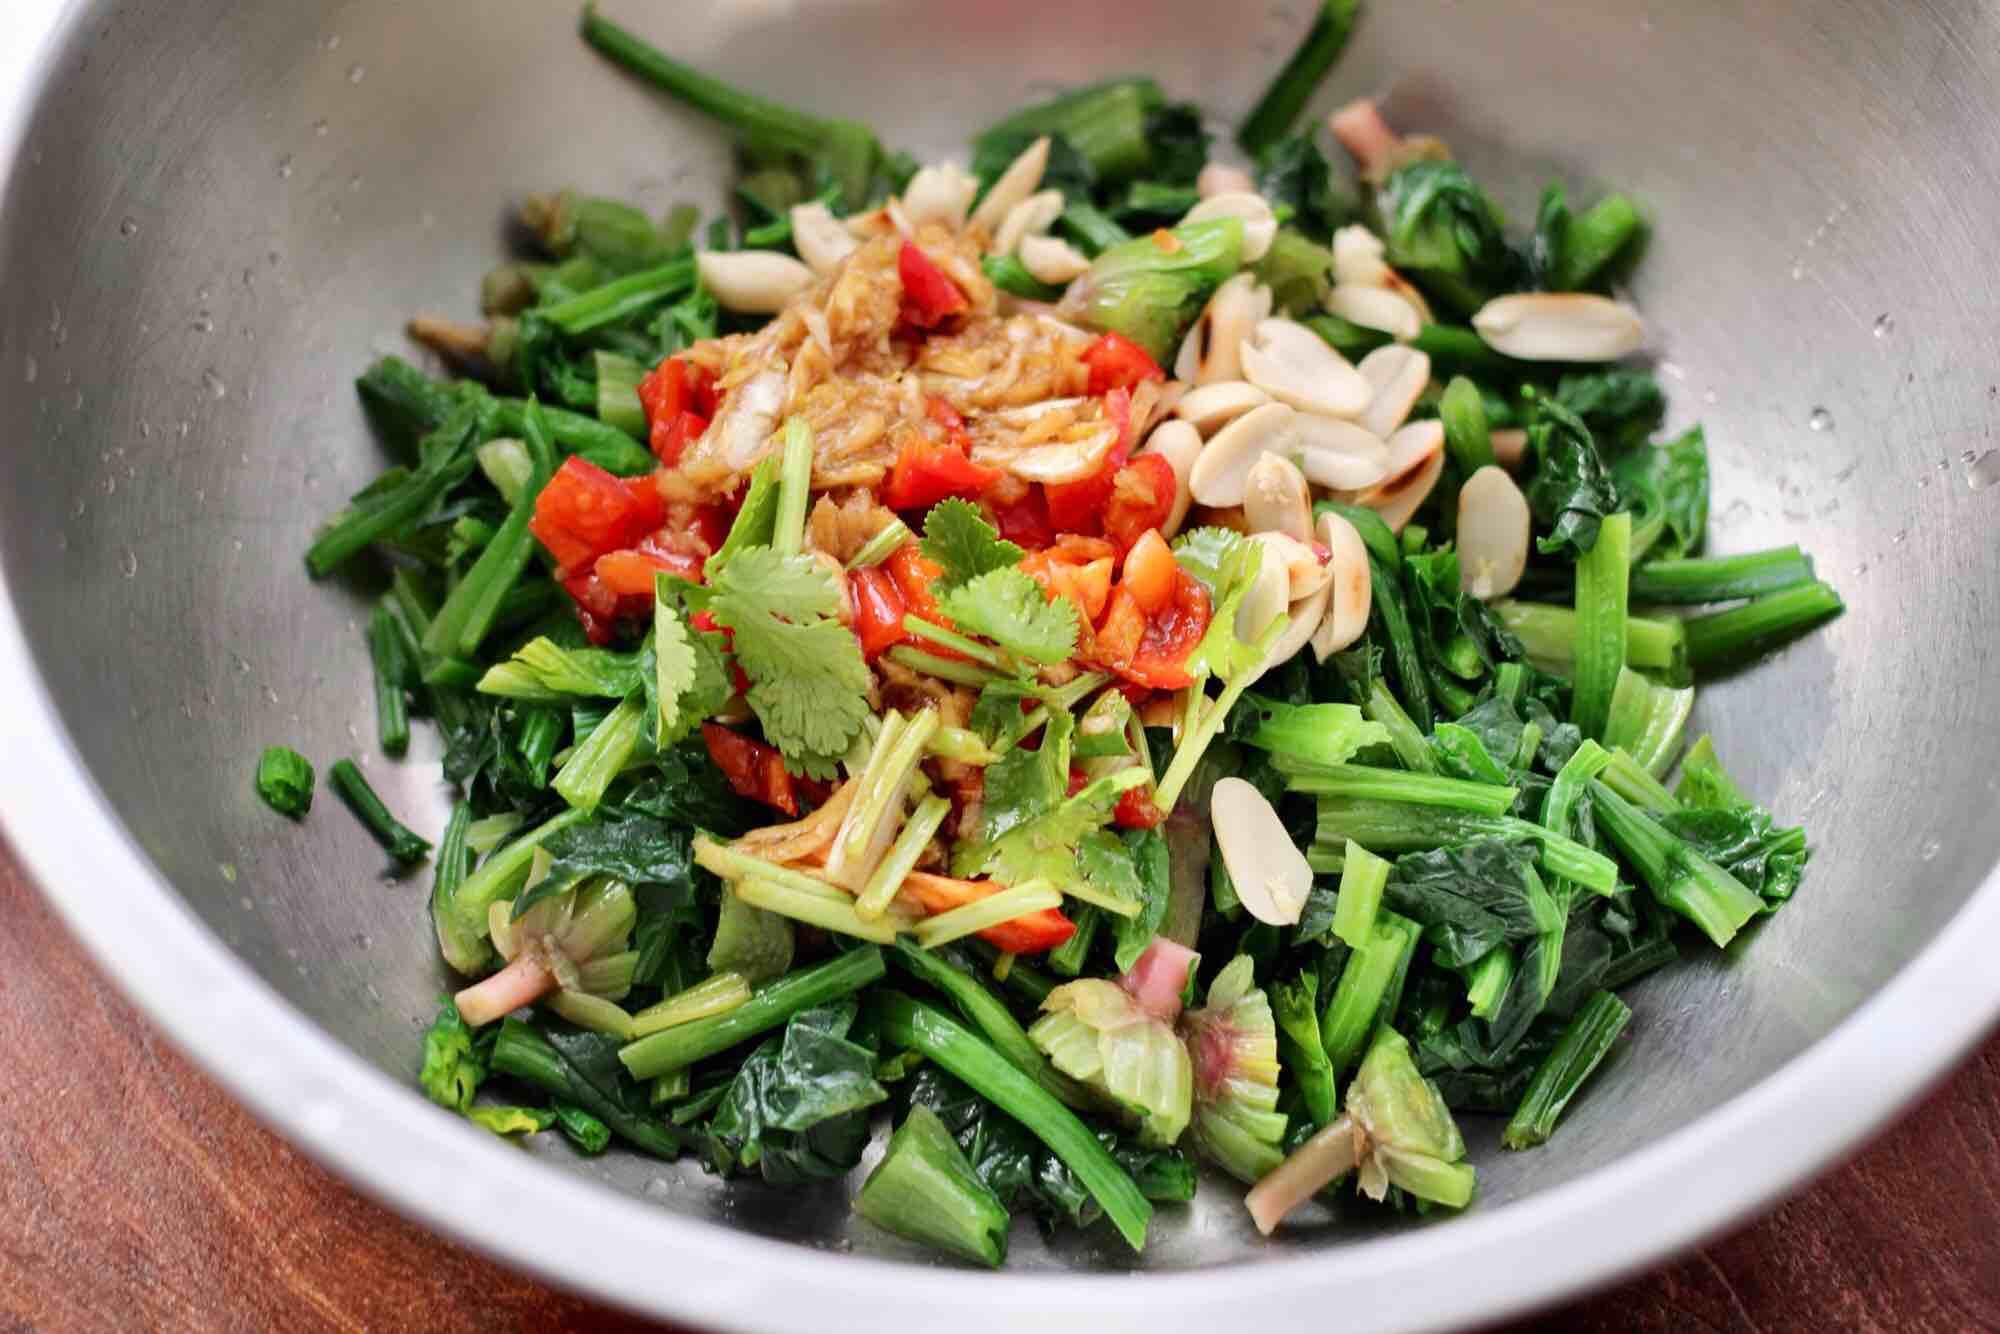 花生米拌红根菠菜怎样炒